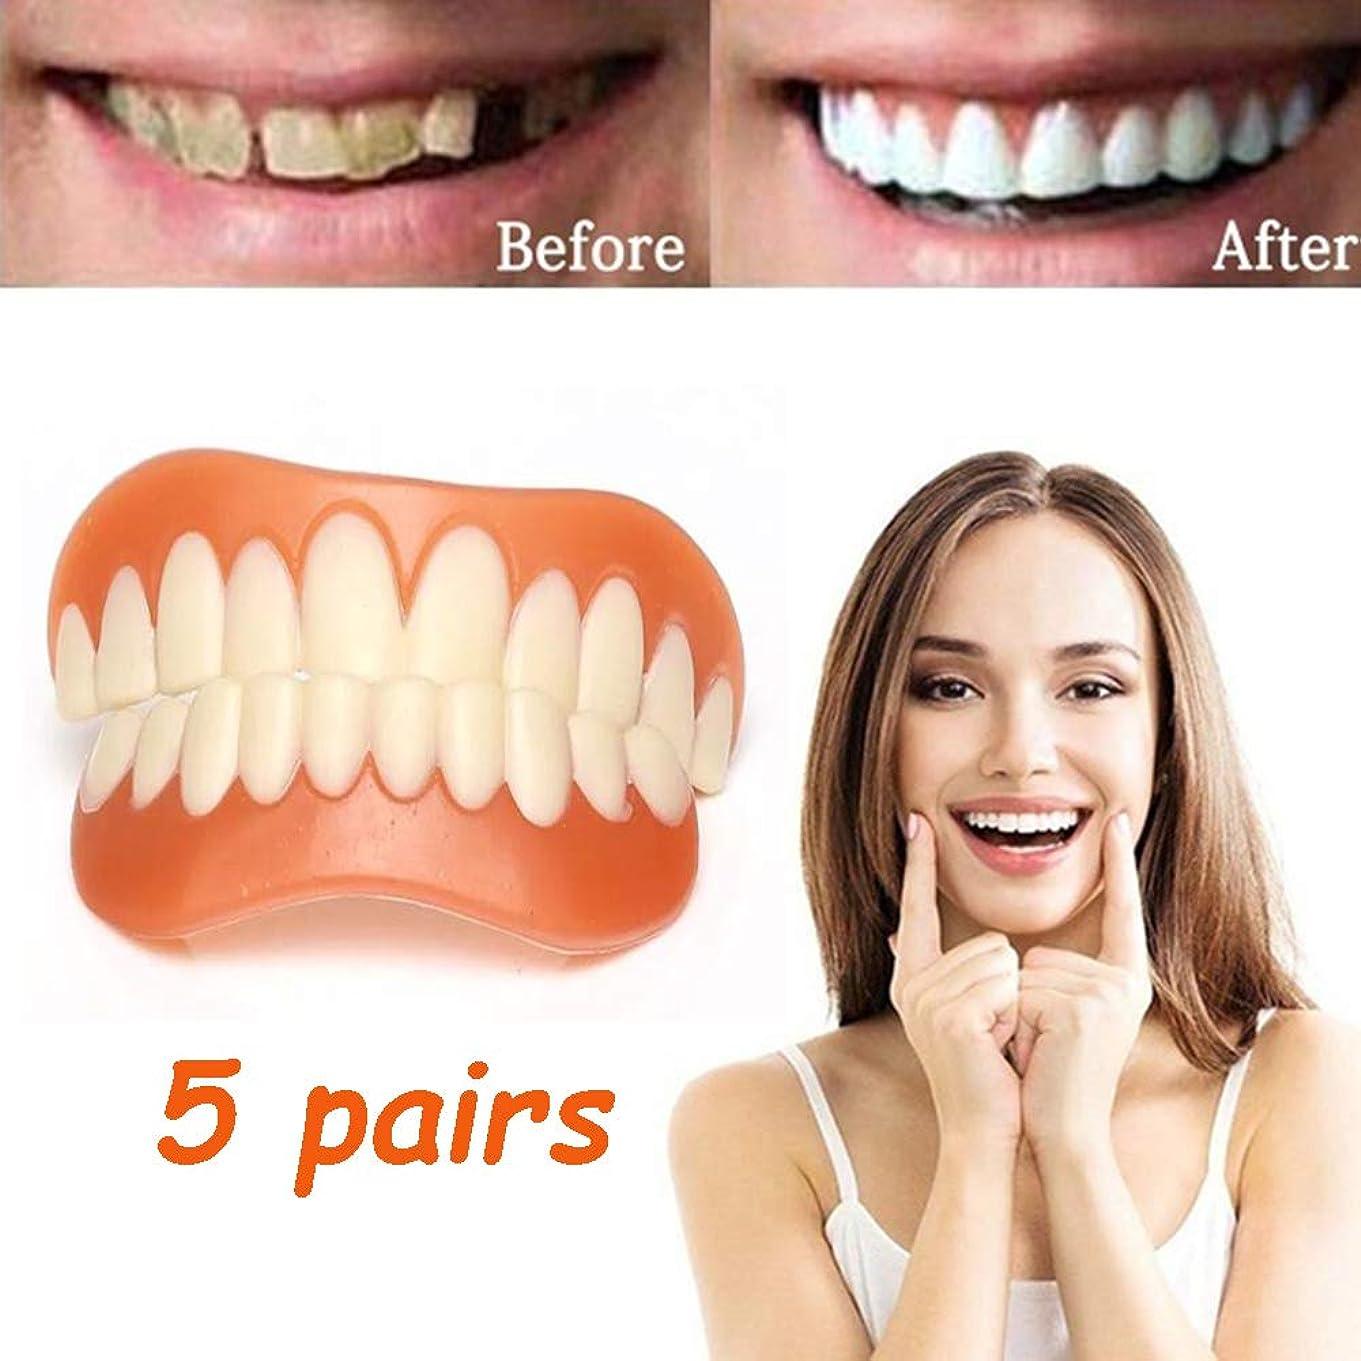 恐ろしいペインギリックバスタブ5組の上下の歯のベニヤの微笑の完全なスナップのシリコーンのシミュレーションの屈曲の総義歯のベニヤの化粧品の歯カバー白くなるブレース